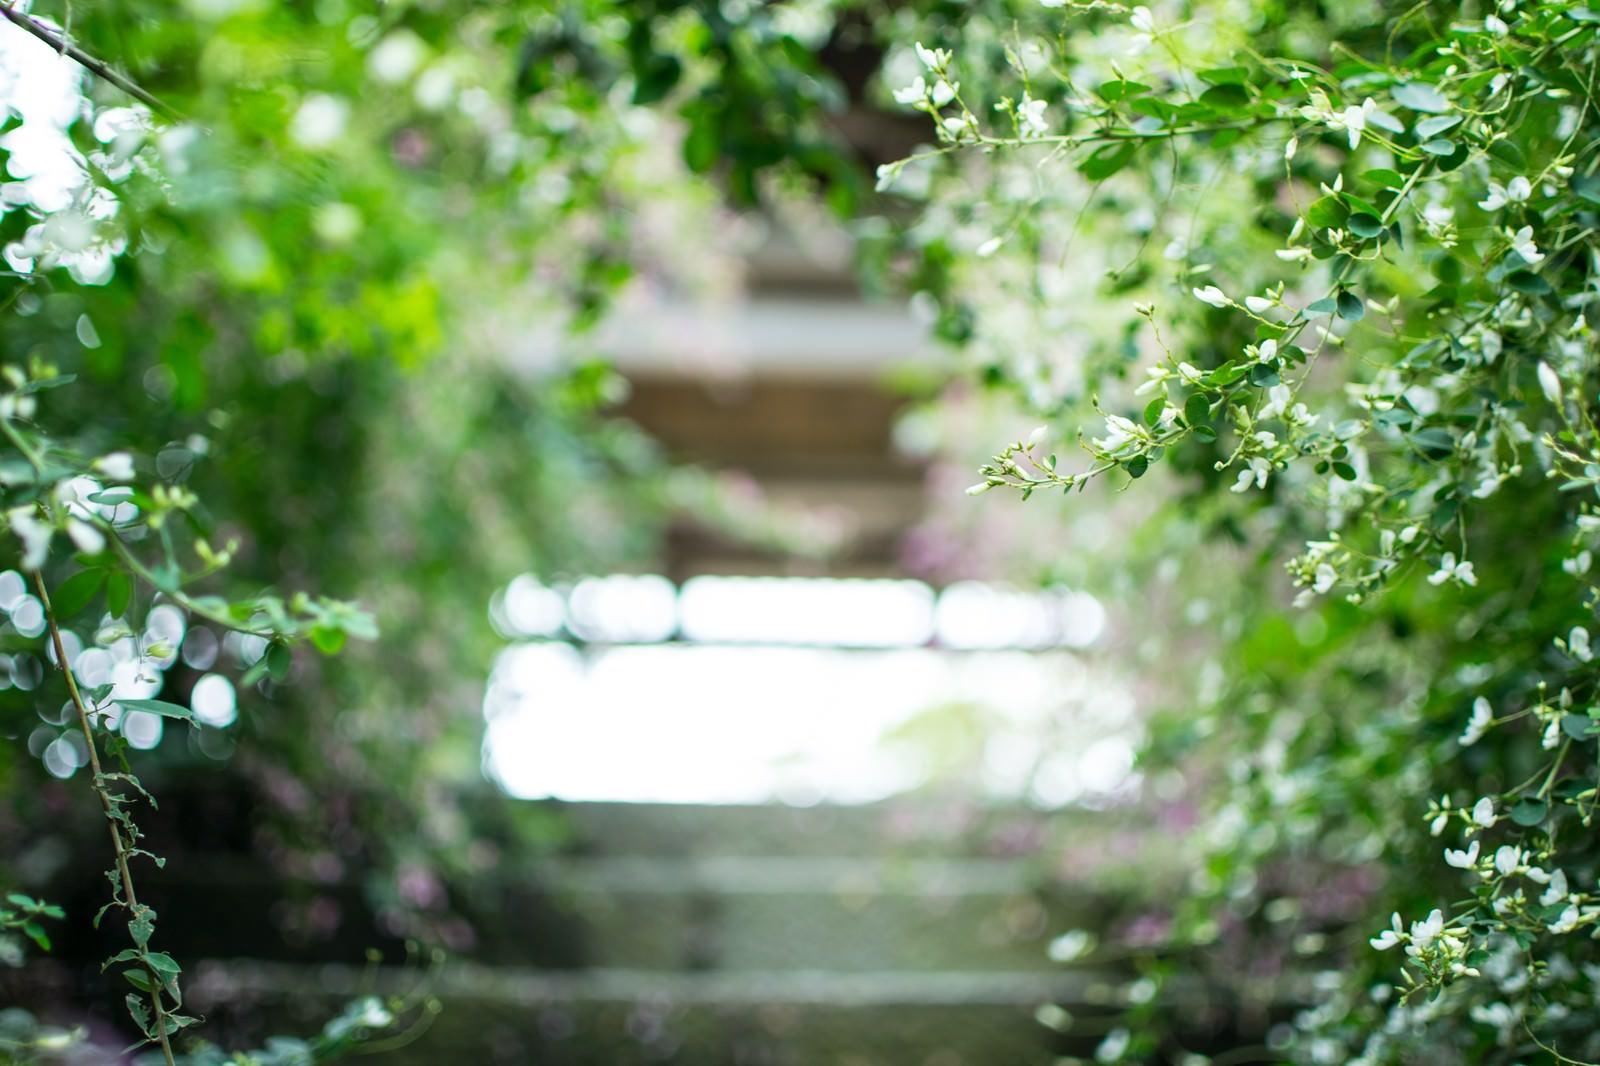 「緑に囲まれた階段」の写真